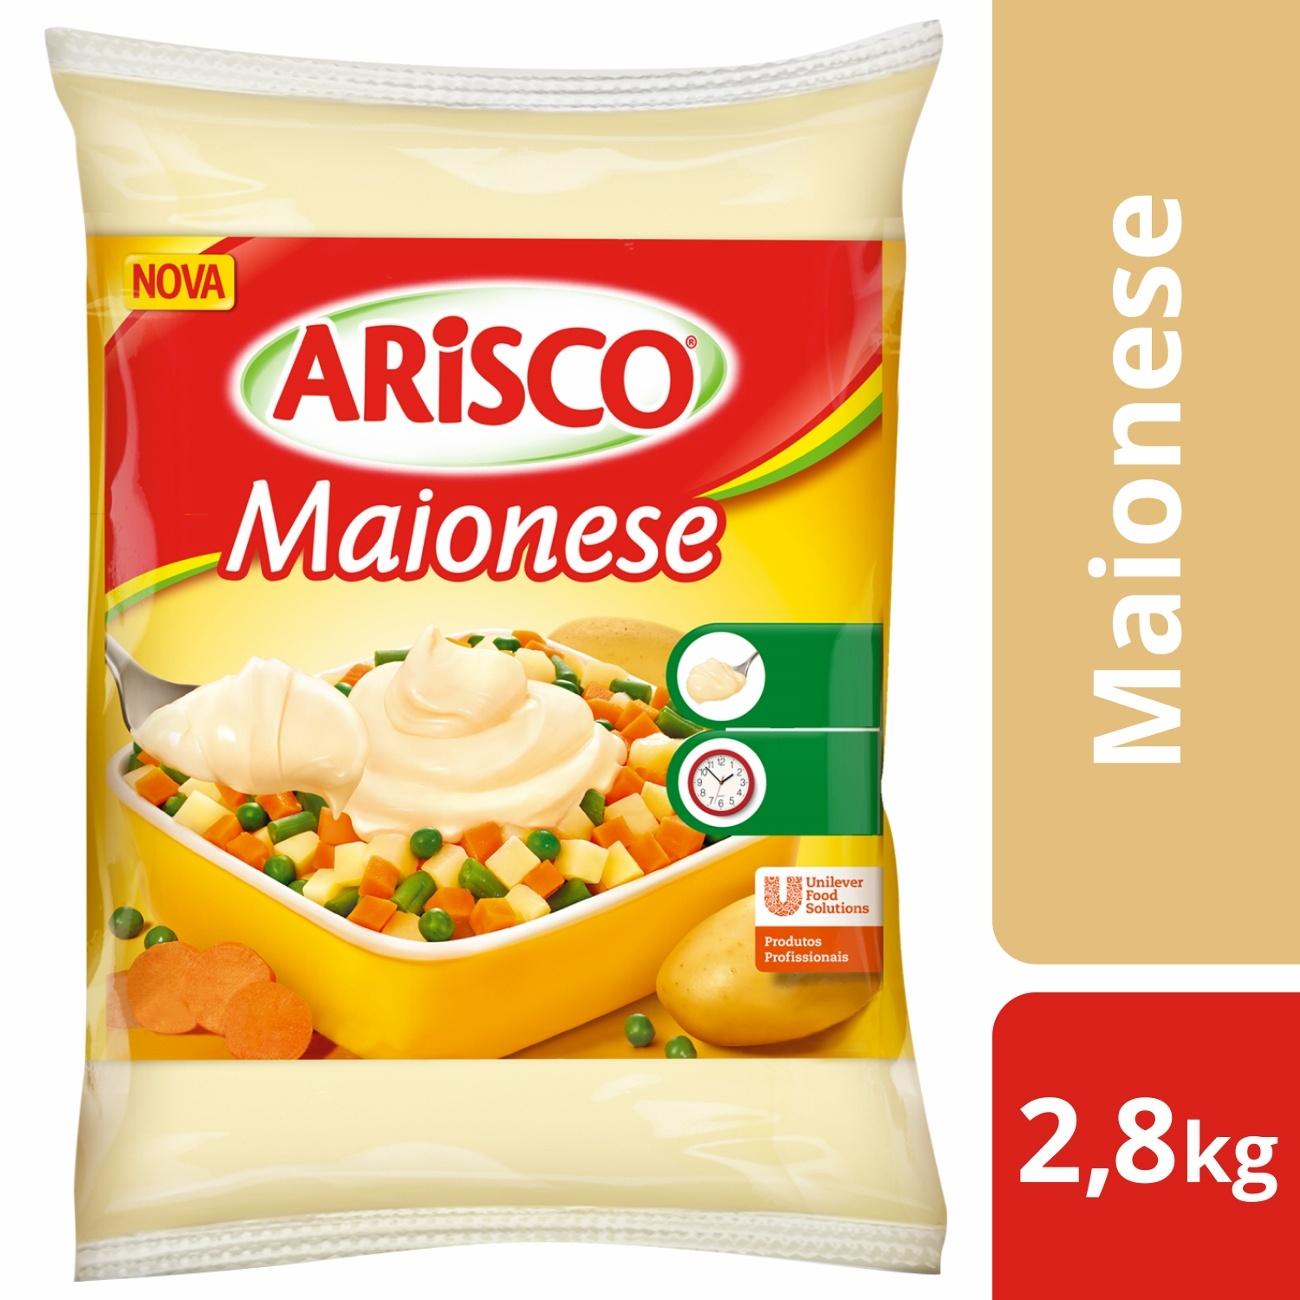 Maionese Arisco Saco 3 kg